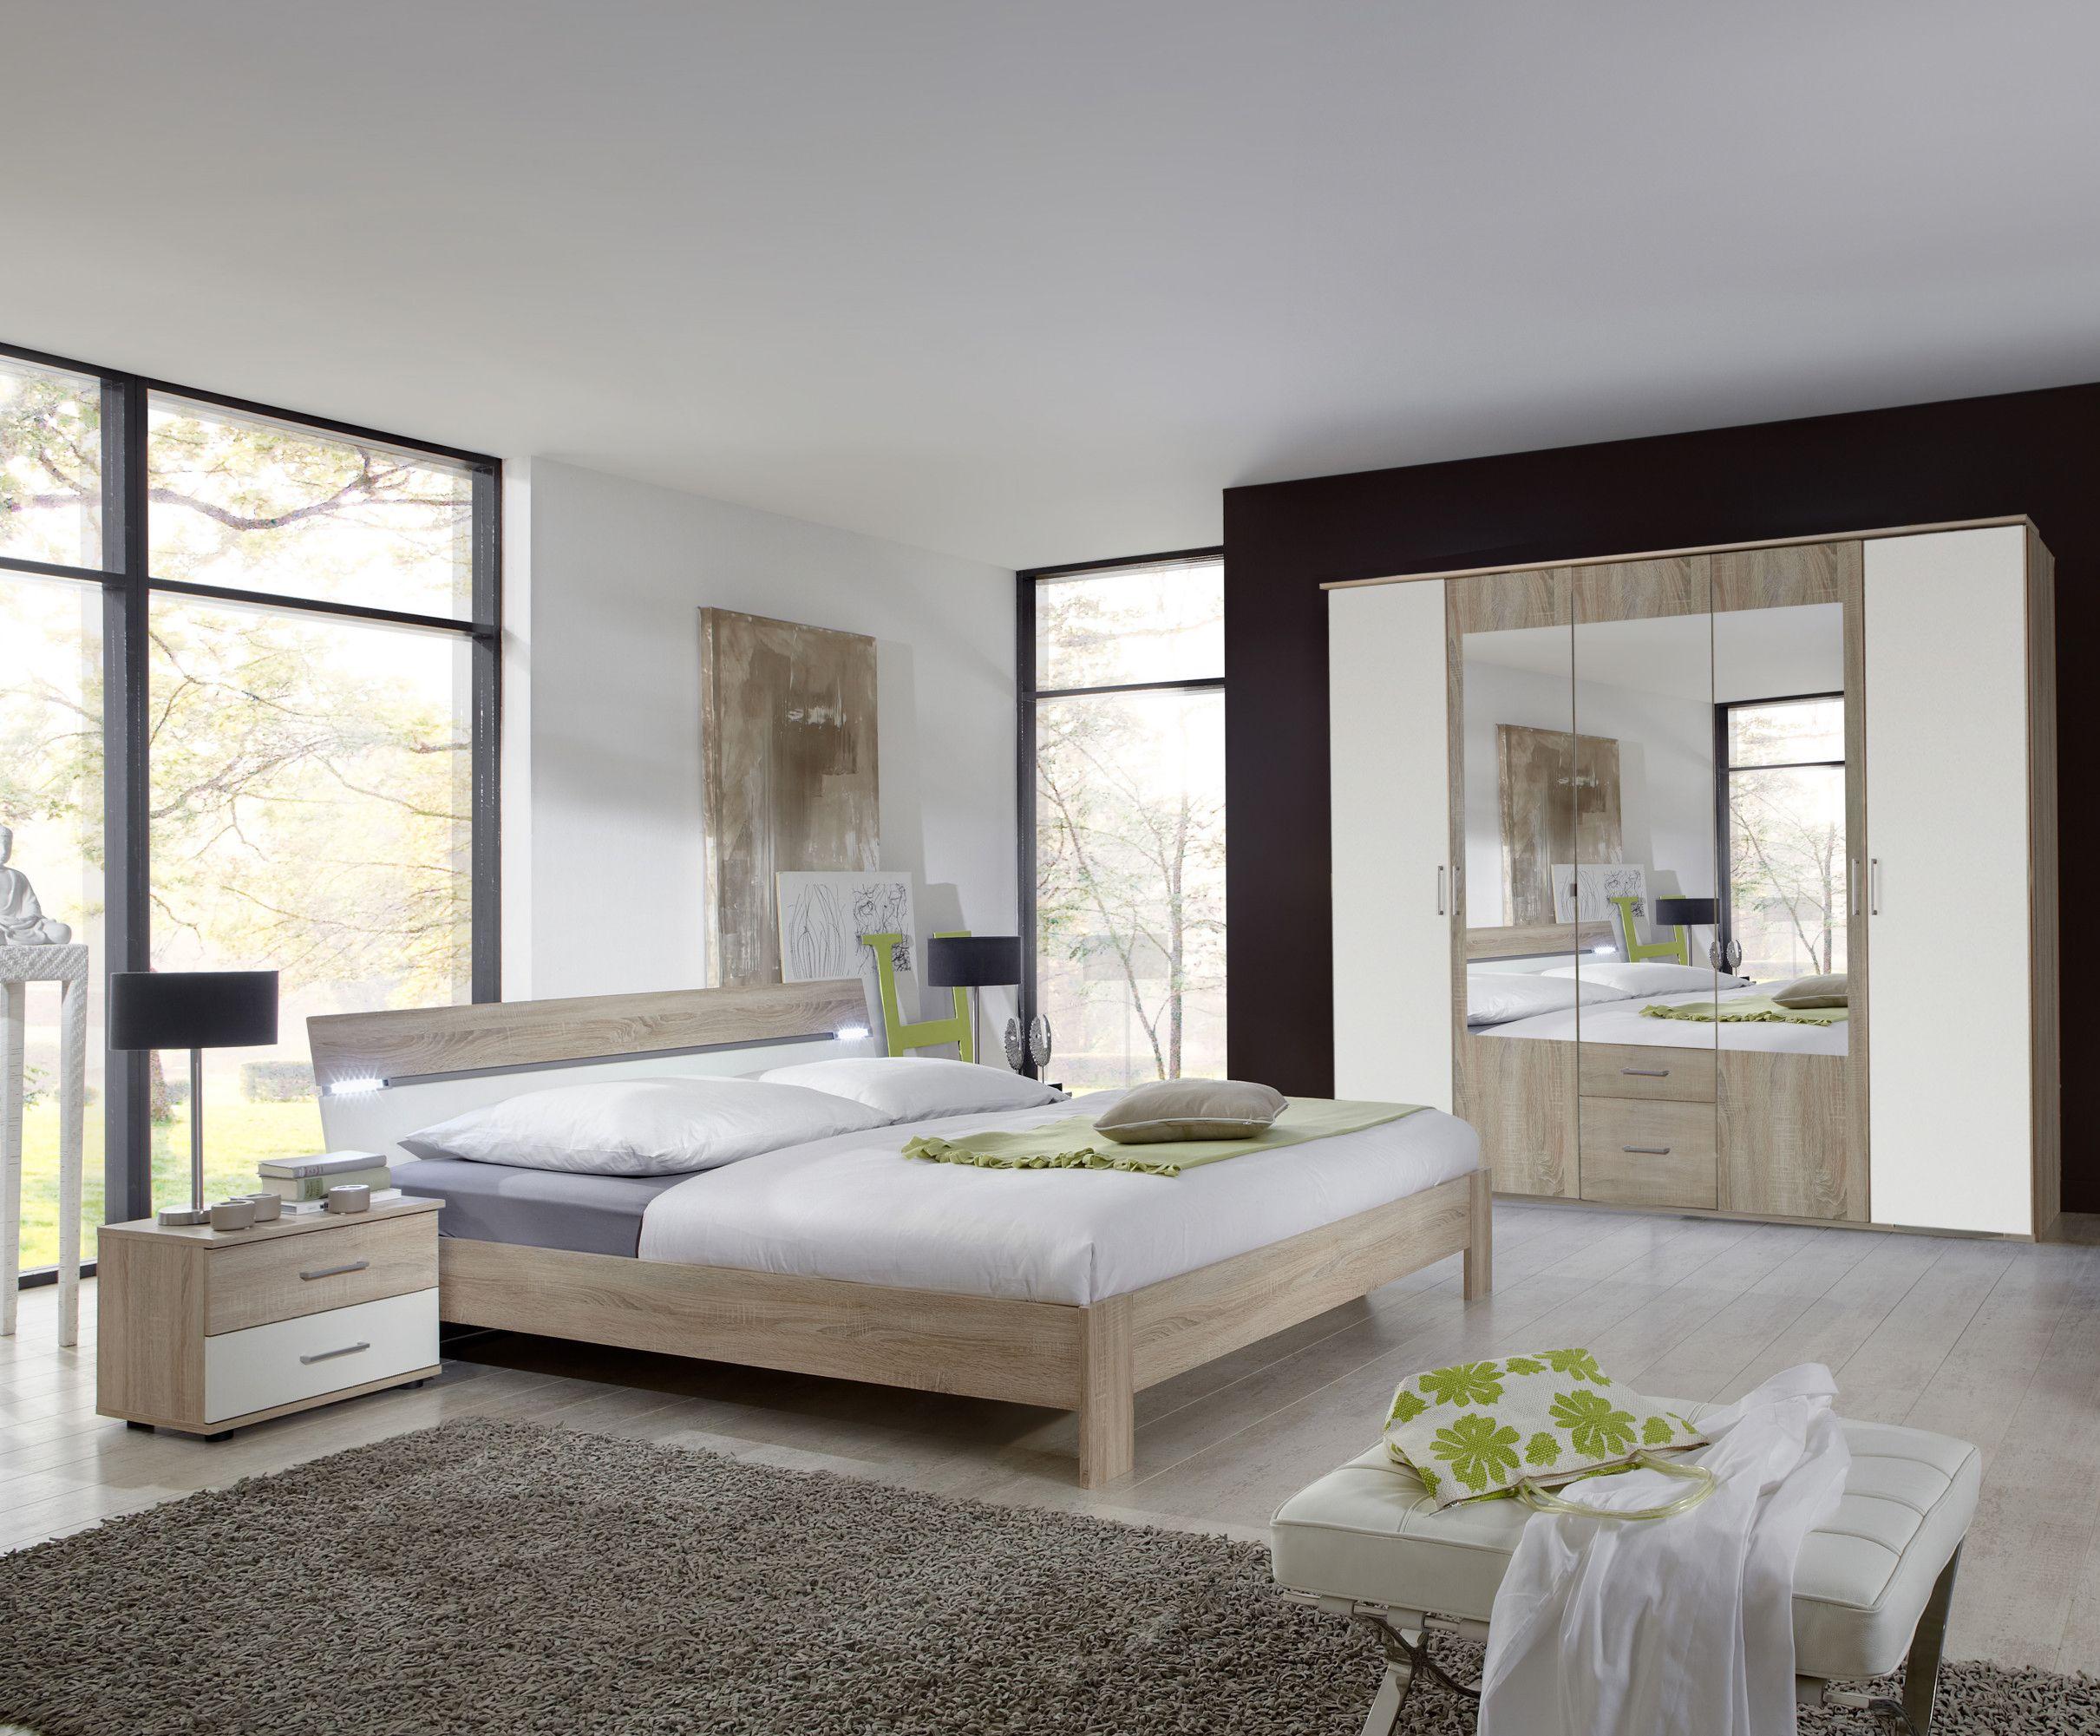 Schlafzimmer Mit Bett 180 X 200 Cm Eiche Sägerau/ Alpinweiss Woody  132 00194 Holz Modern Jetzt Bestellen Unter: ...